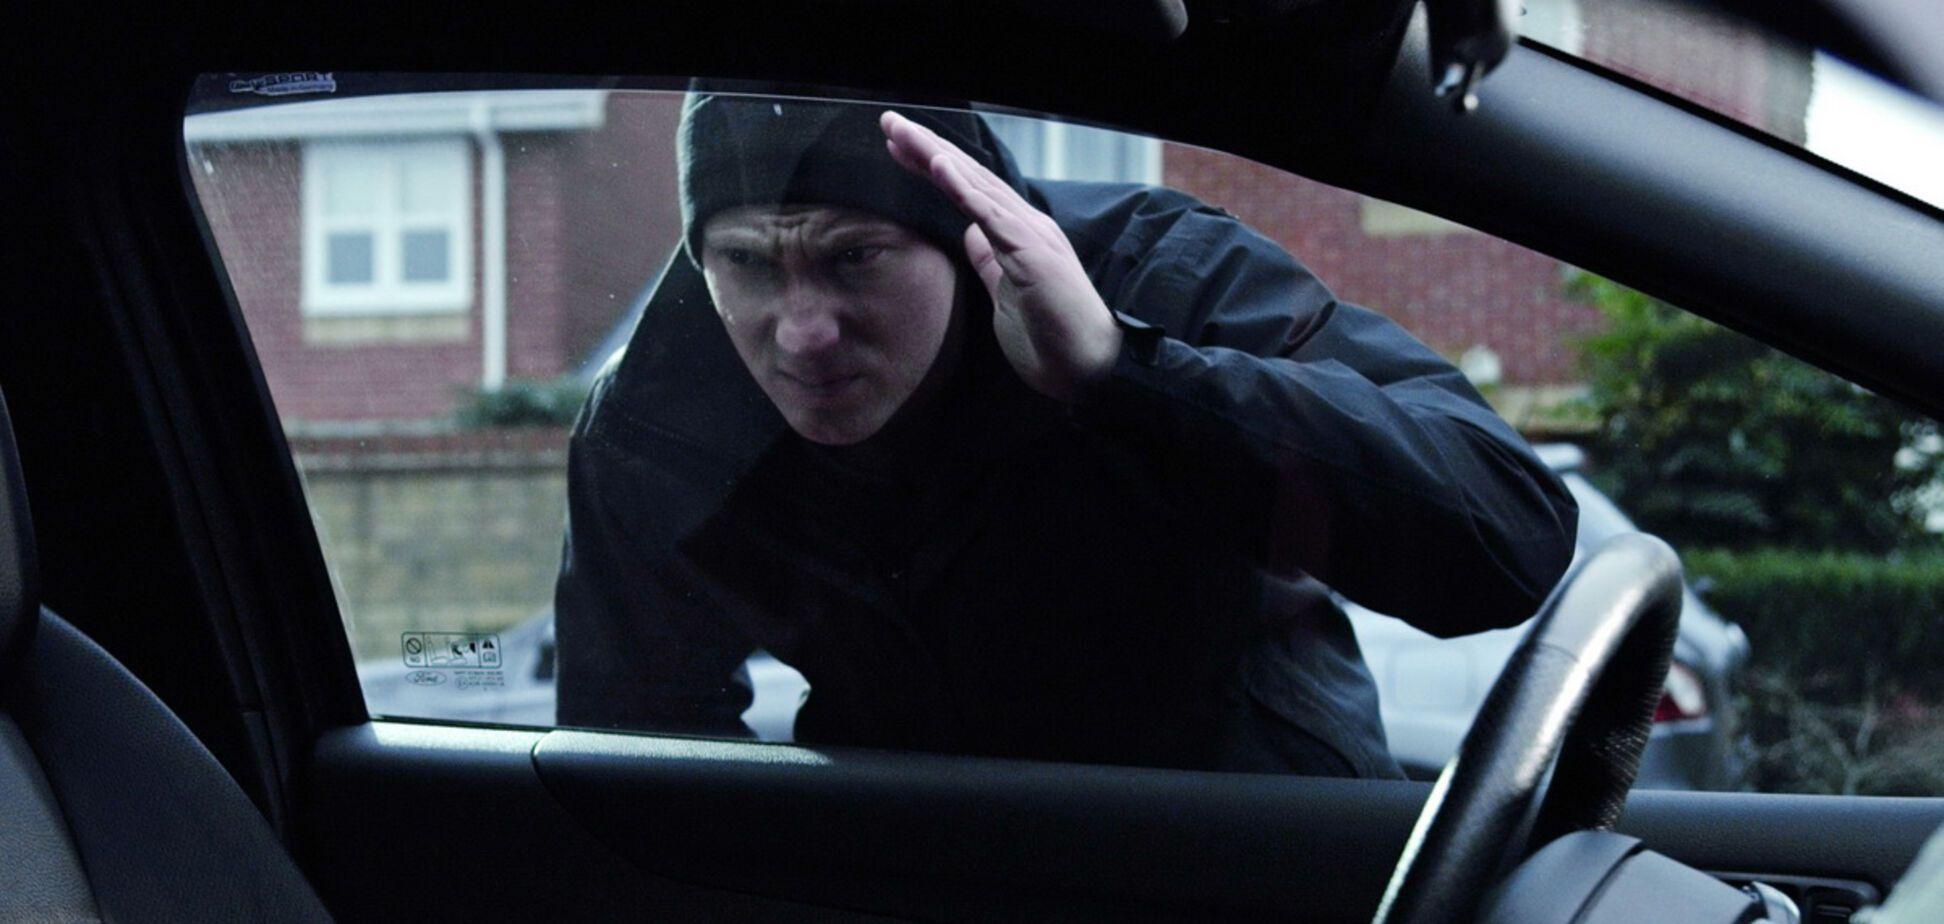 В США участились автомобильные кражи. Источник: newspress.co.uk